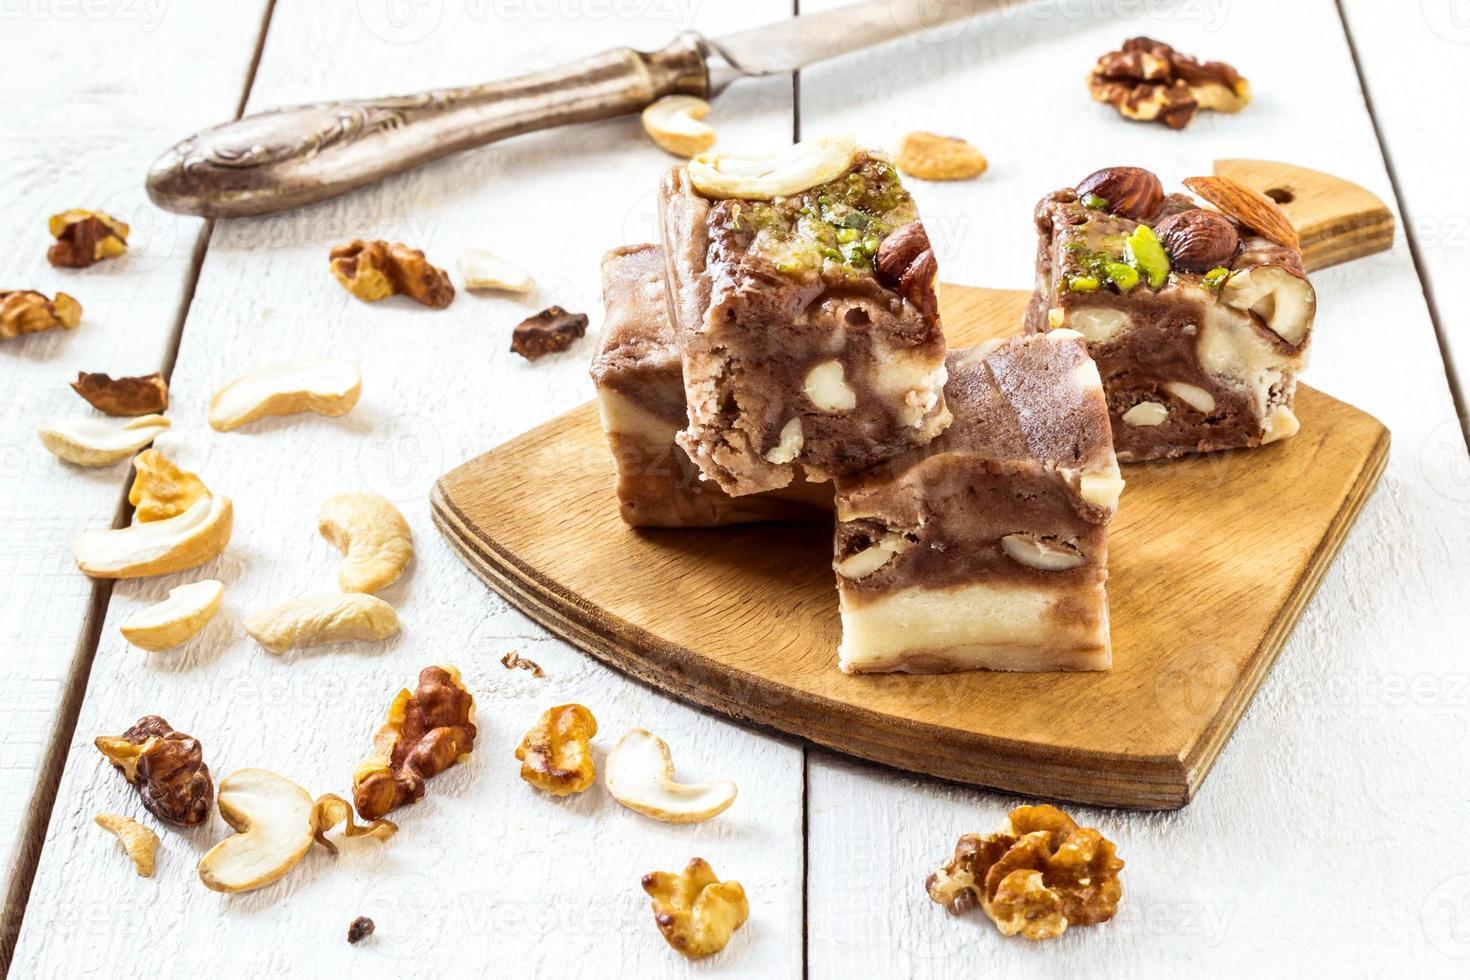 traditionelle orientalische Süßigkeiten - Sorbet foto